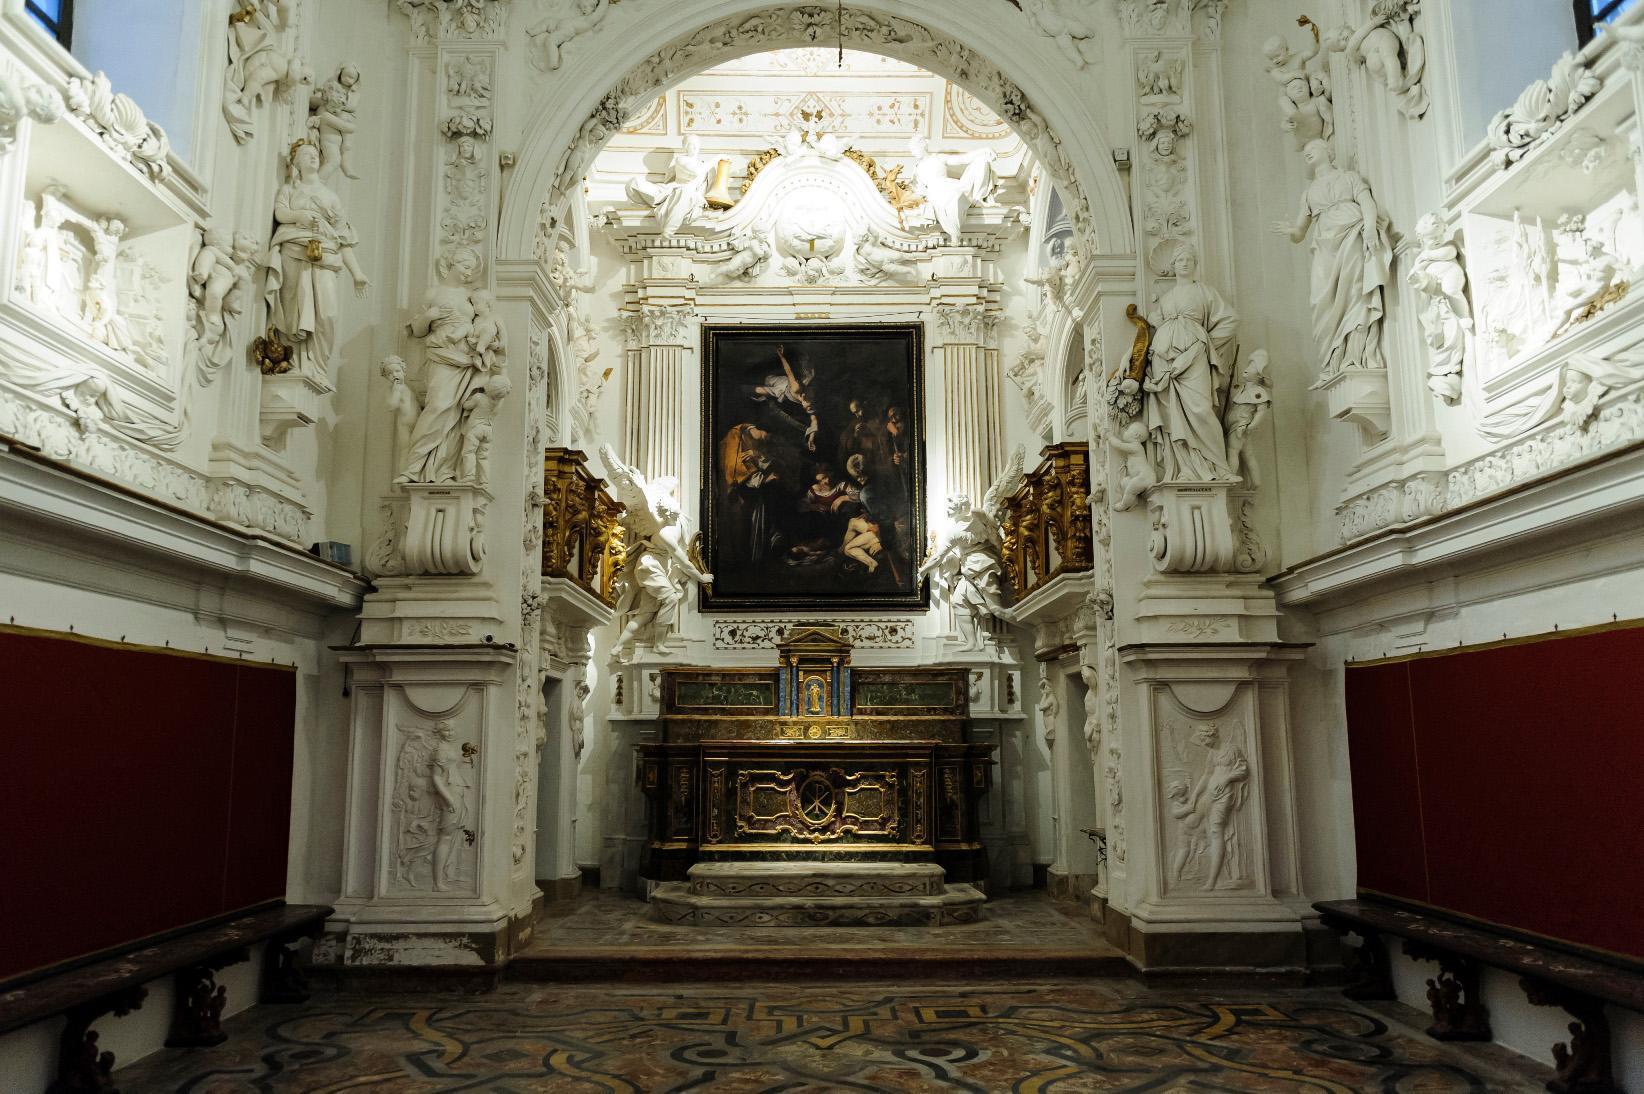 Copia della Natavità del Caravaggio installata sull'altare dell'Oratorio di San Lorenzo a Palermo - foto Ansa